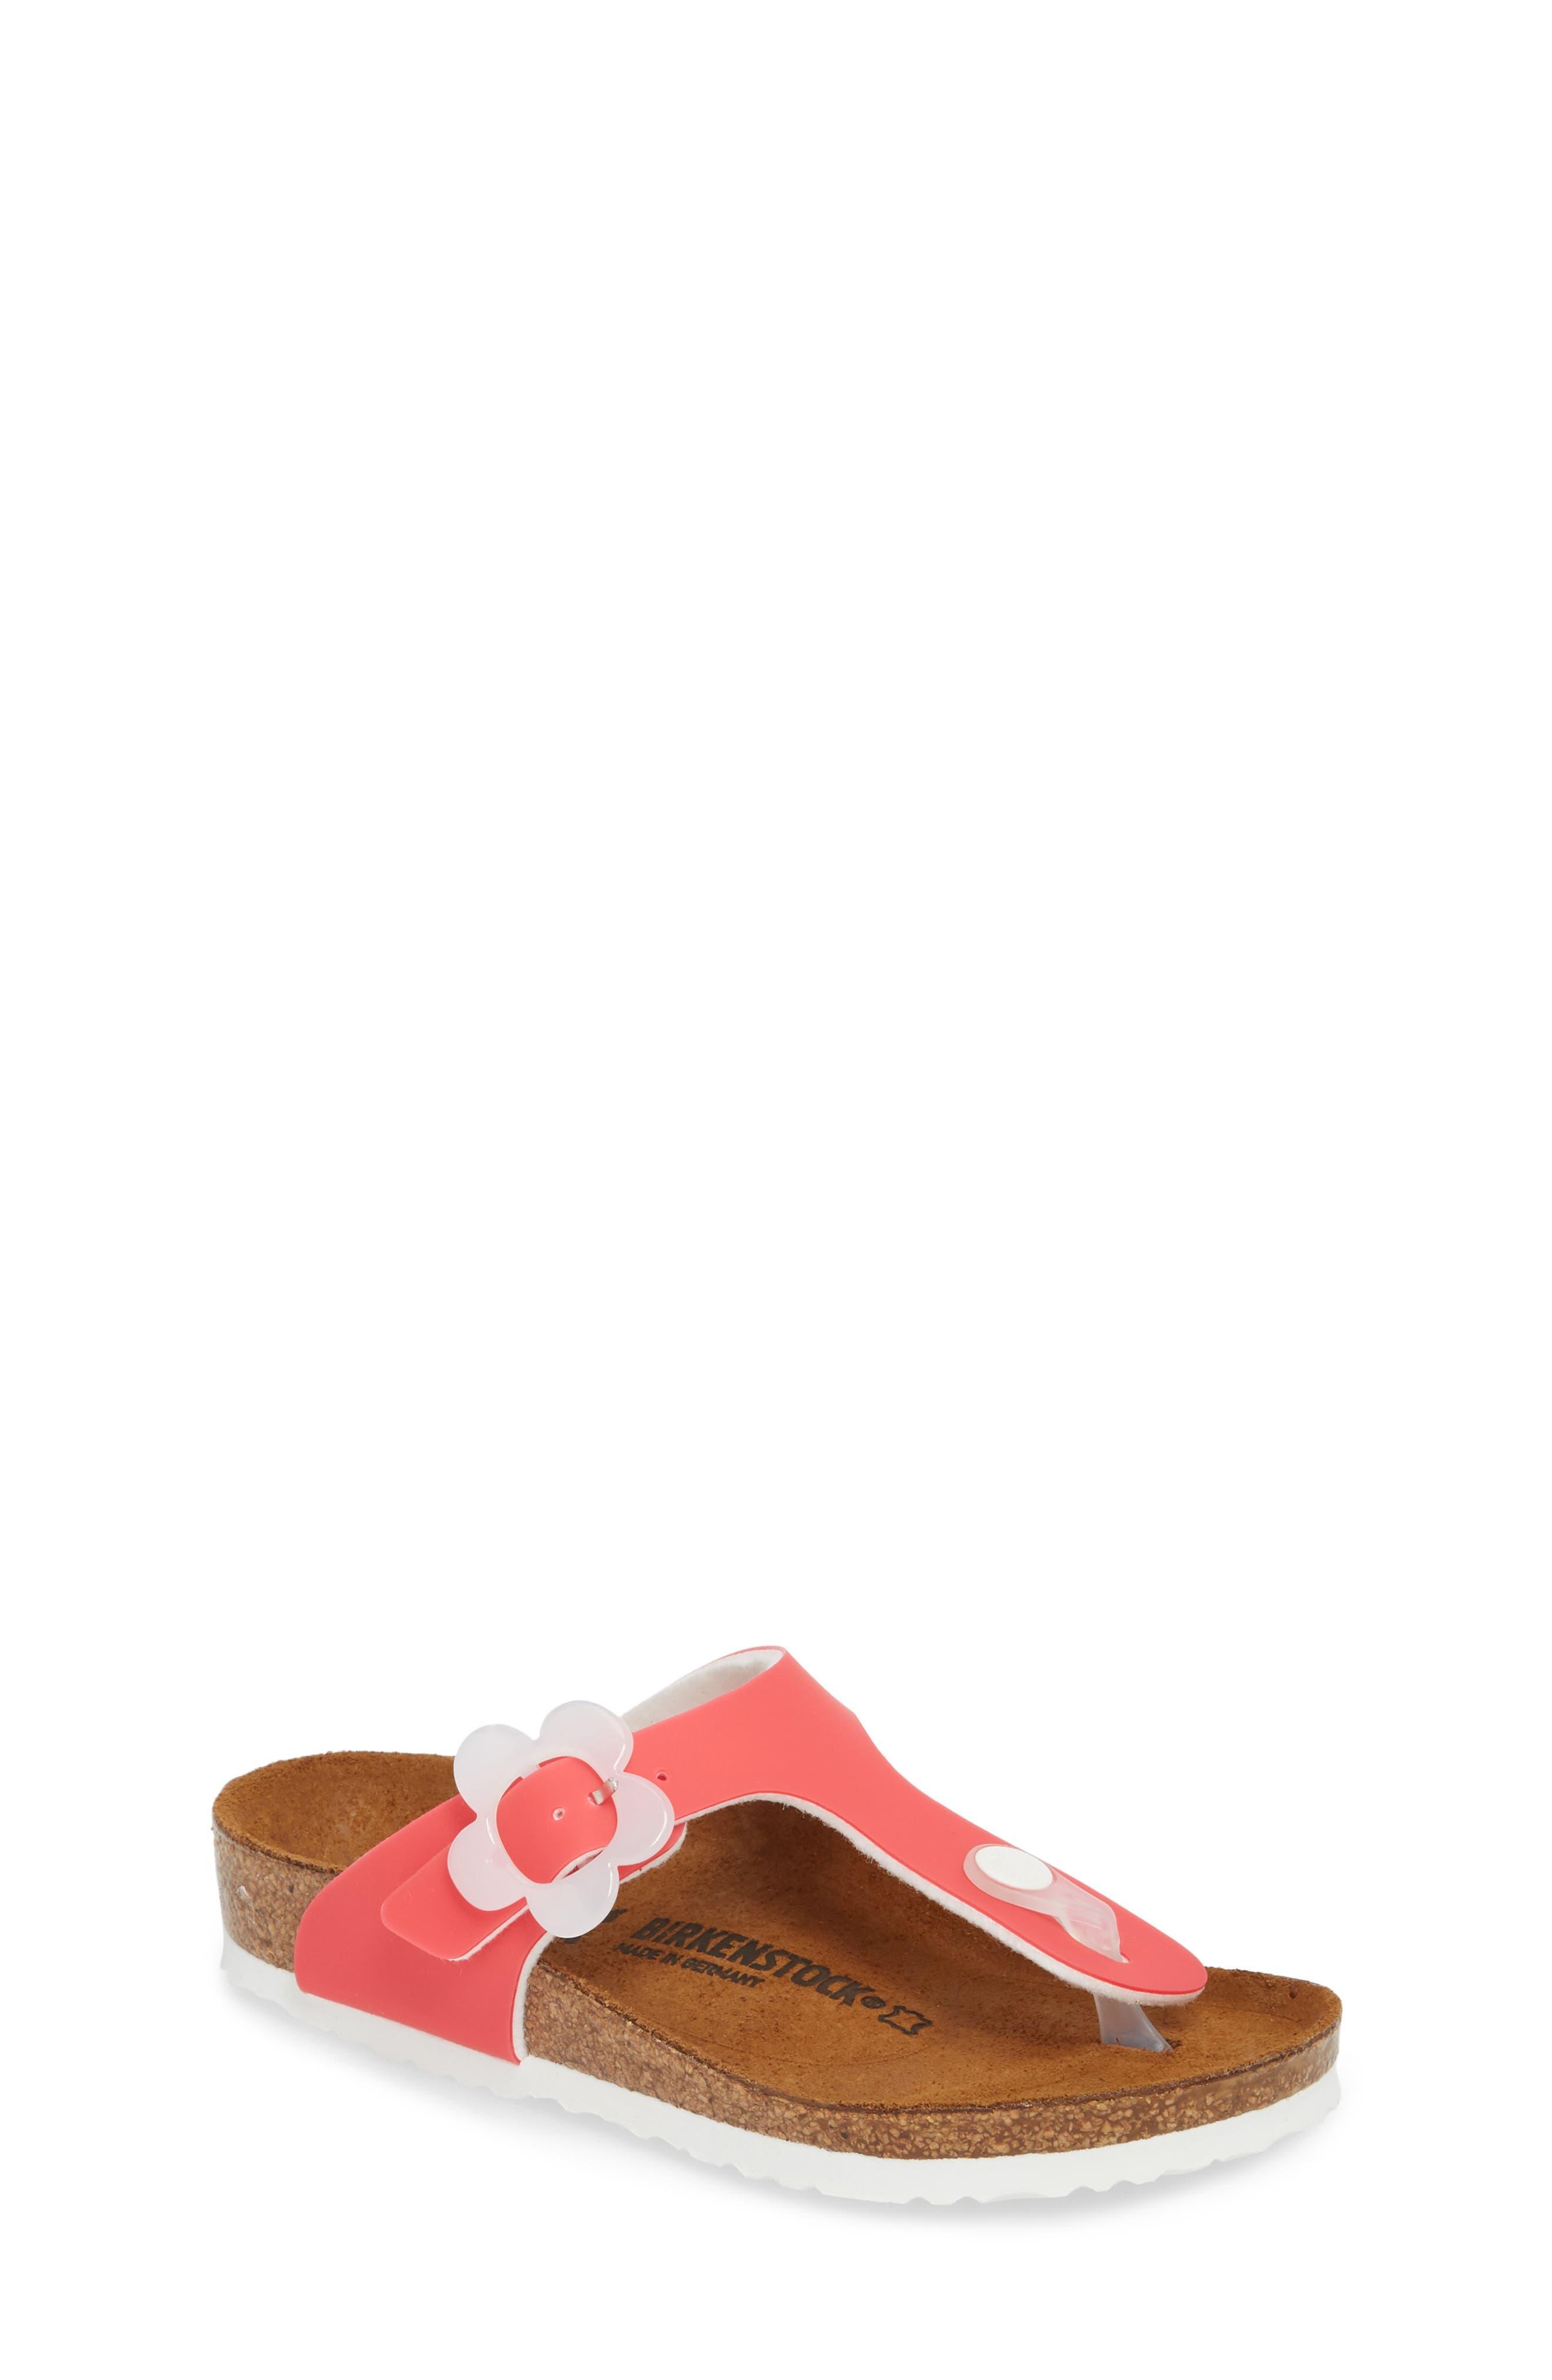 Birkenstock Gizeh Flowered Thong Sandal (Toddler & Little Kid)